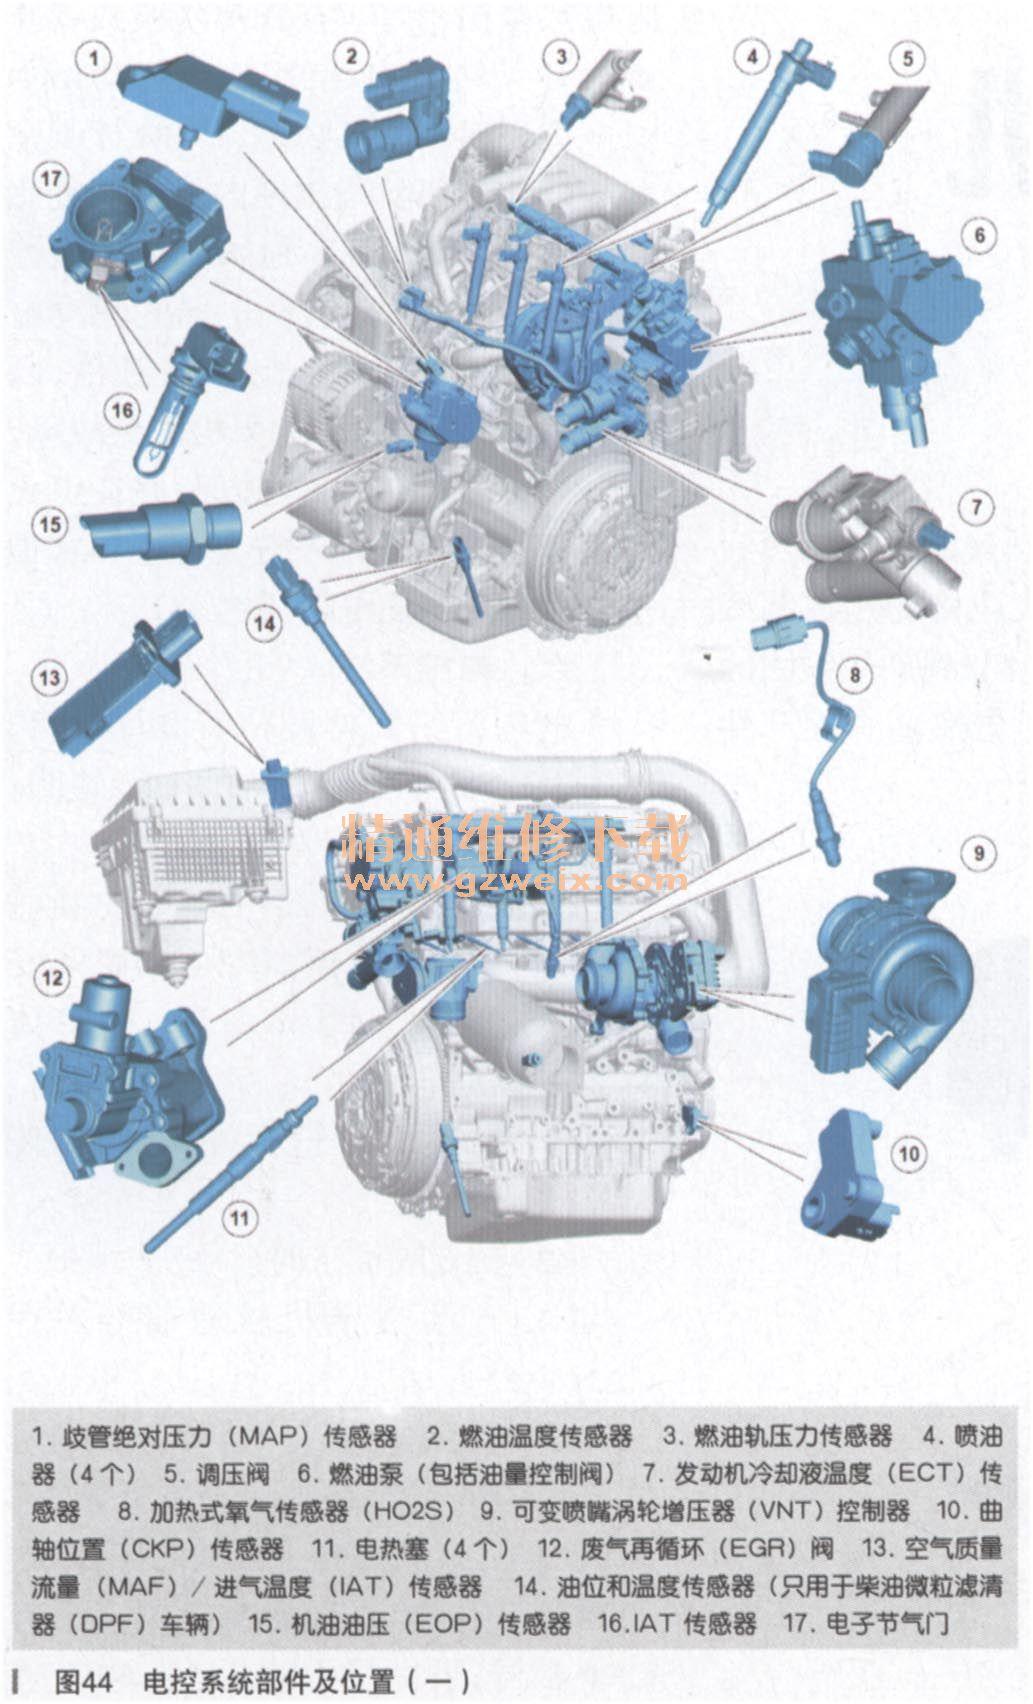 剖析路虎神行者2td4柴油发动机技术(六)